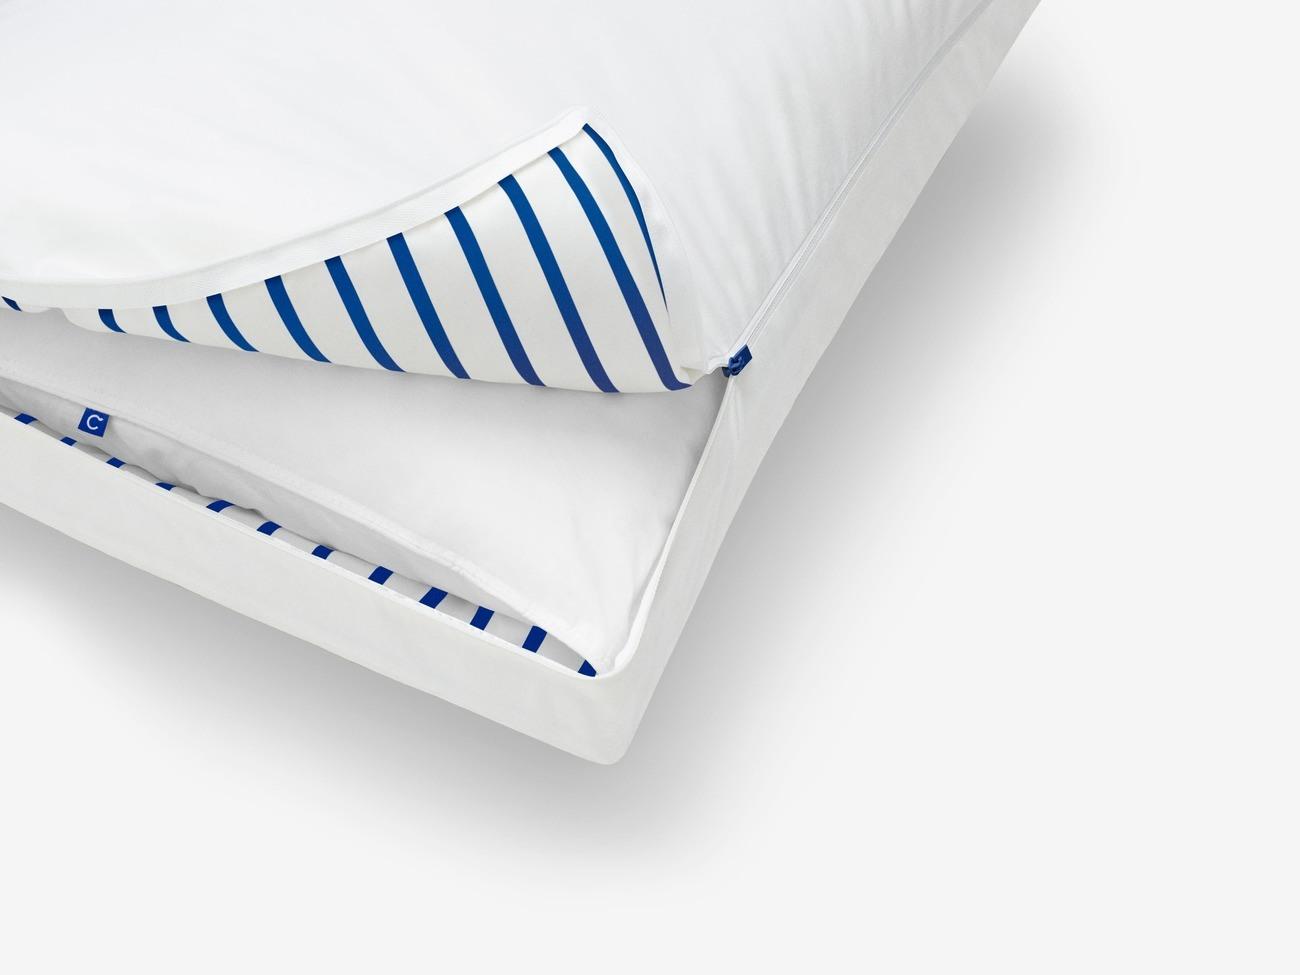 The Casper Dual Layer Pillow